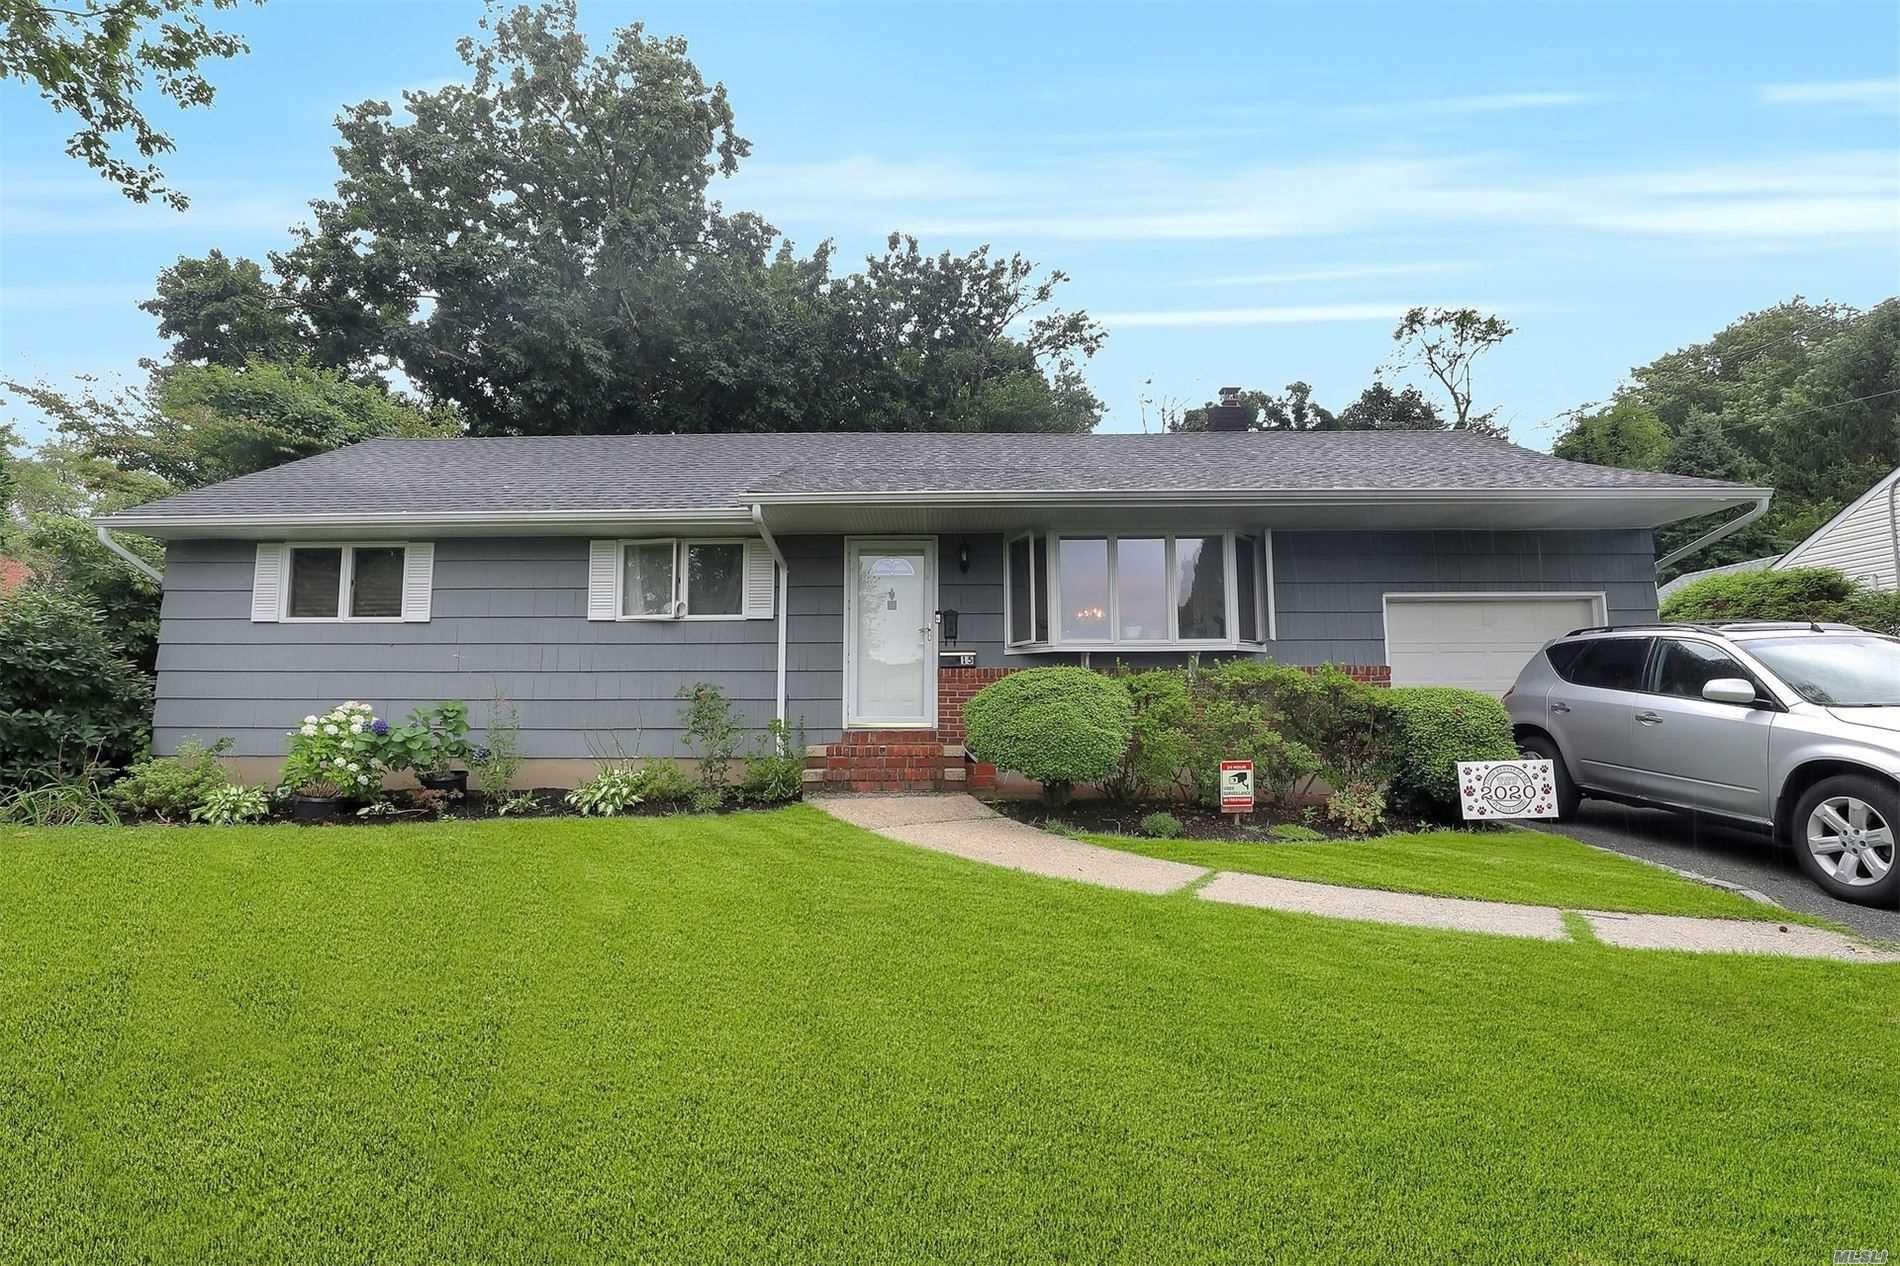 15 Mapletree Lane, South Huntington, NY 11746 - MLS#: 3246661